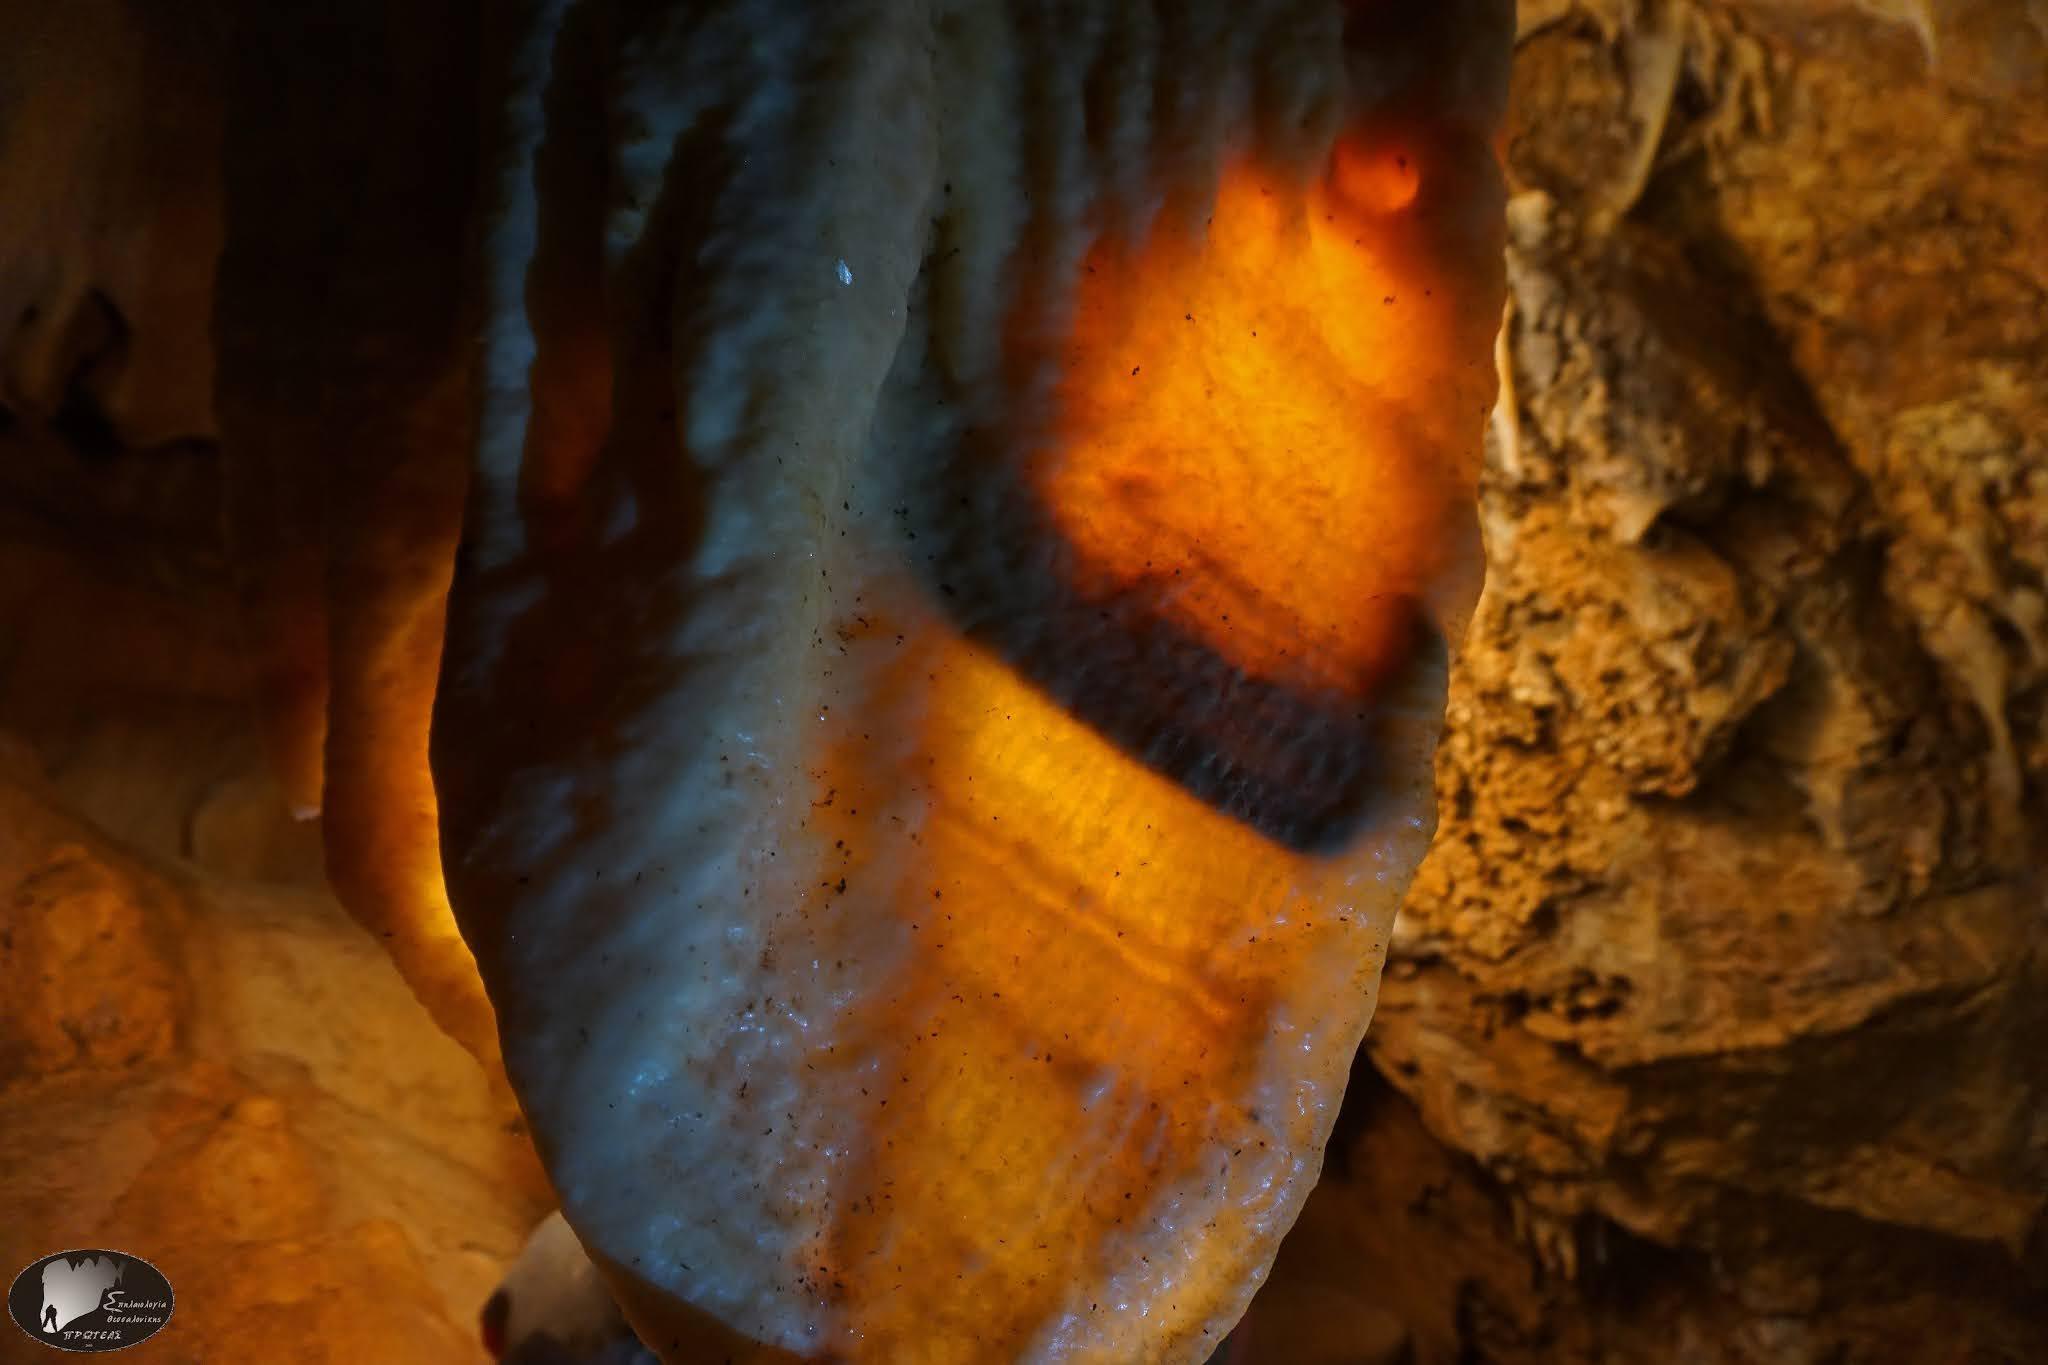 Ξάνθη: Εικόνες που κόβουν την ανάσα από το μεγάλο σπήλαιο της Πάχνης - ΦΩΤΟ